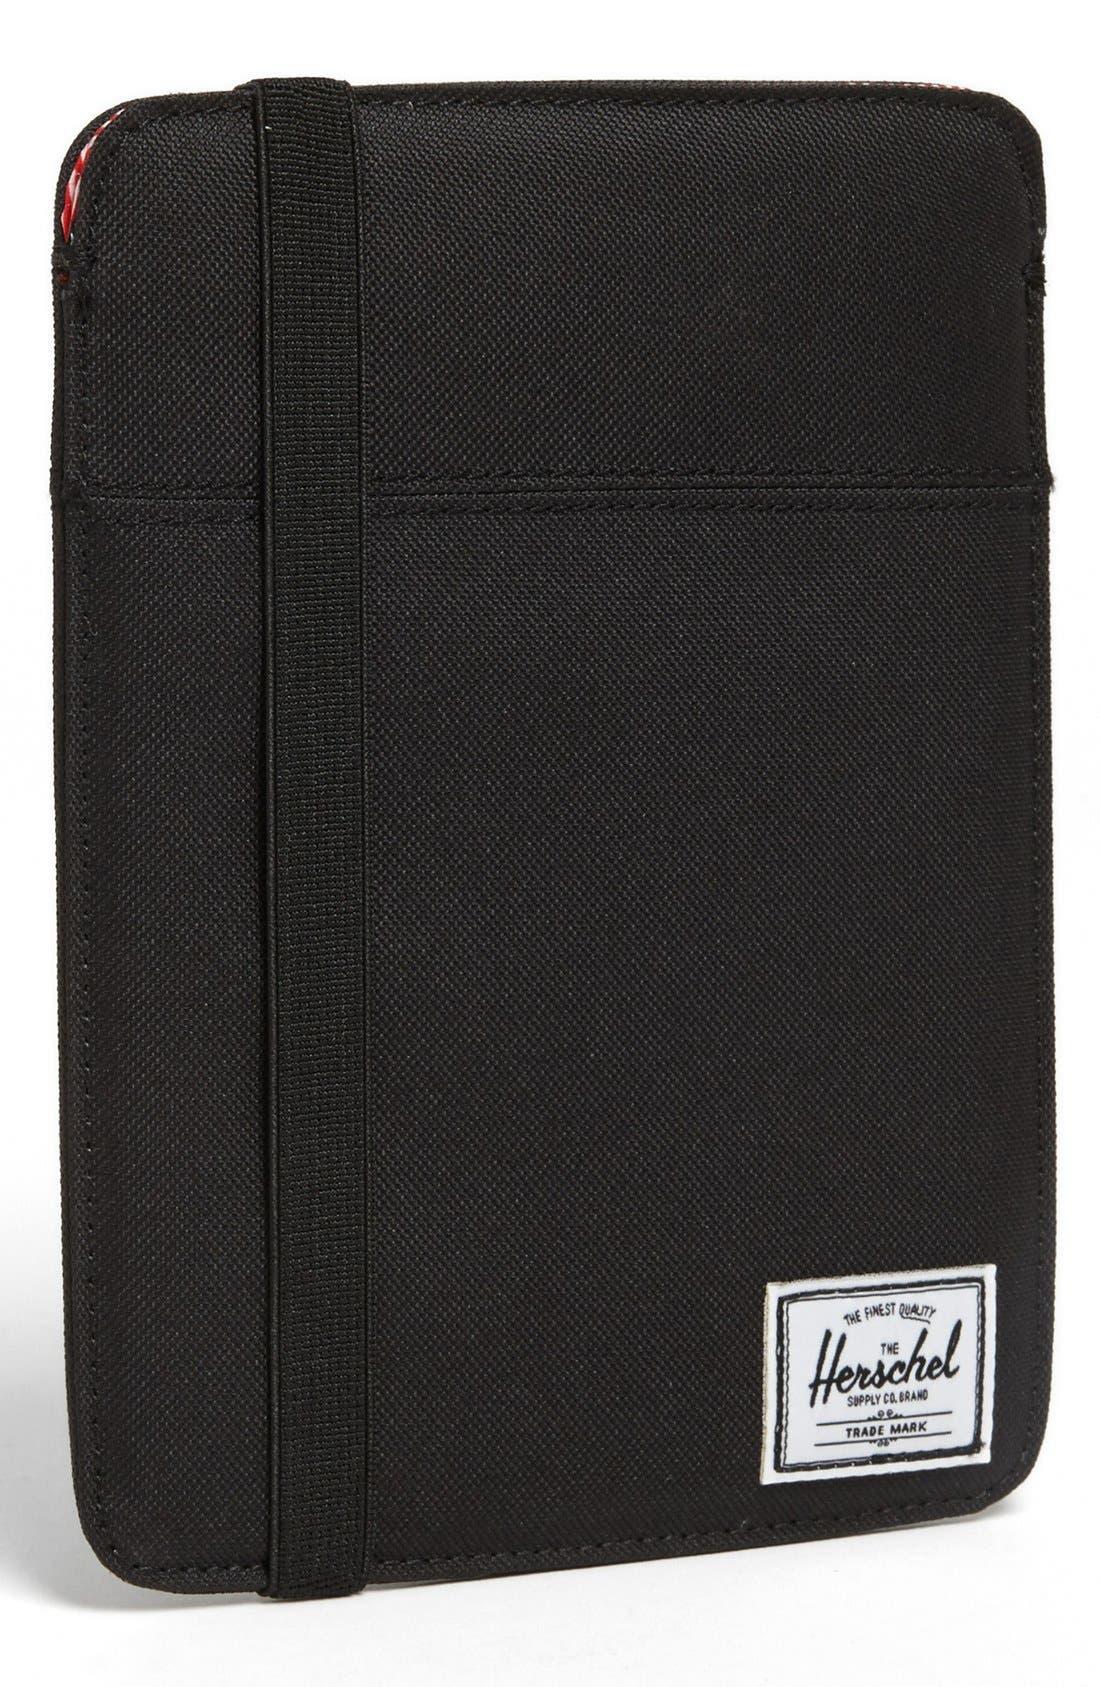 Main Image - Herschel Supply Co. 'Cypress' Mini iPad Sleeve